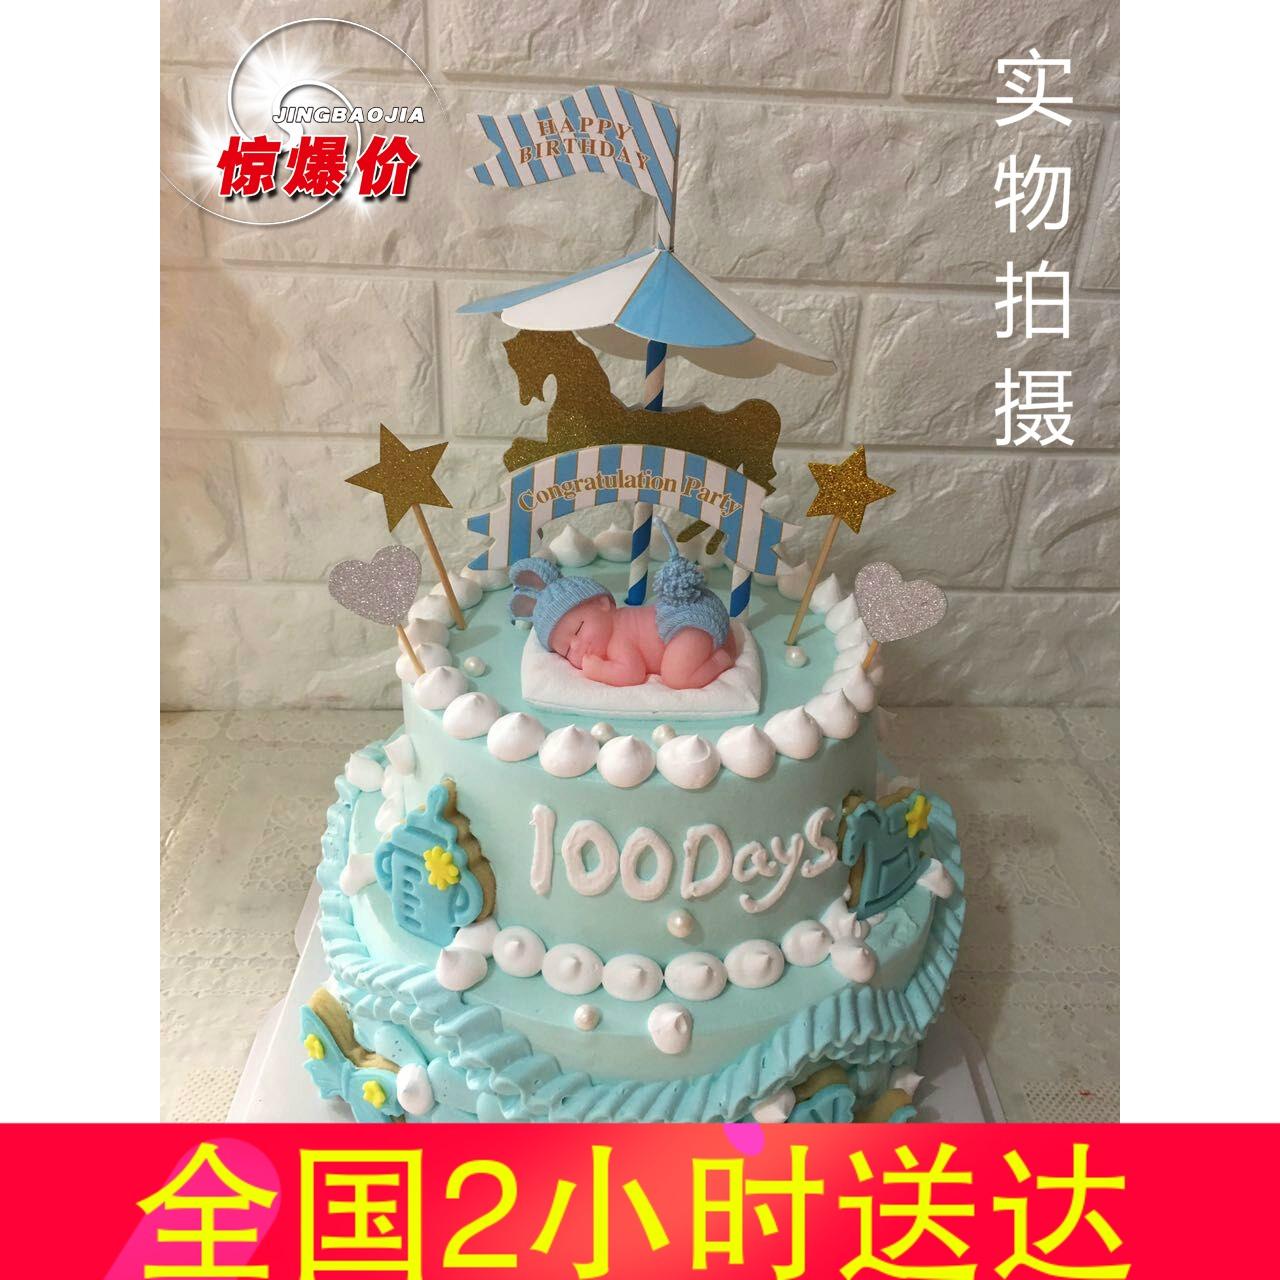 卡通百日百岁周岁宝宝庆典纪念宴会场景儿童生日蛋糕青岛同城配送